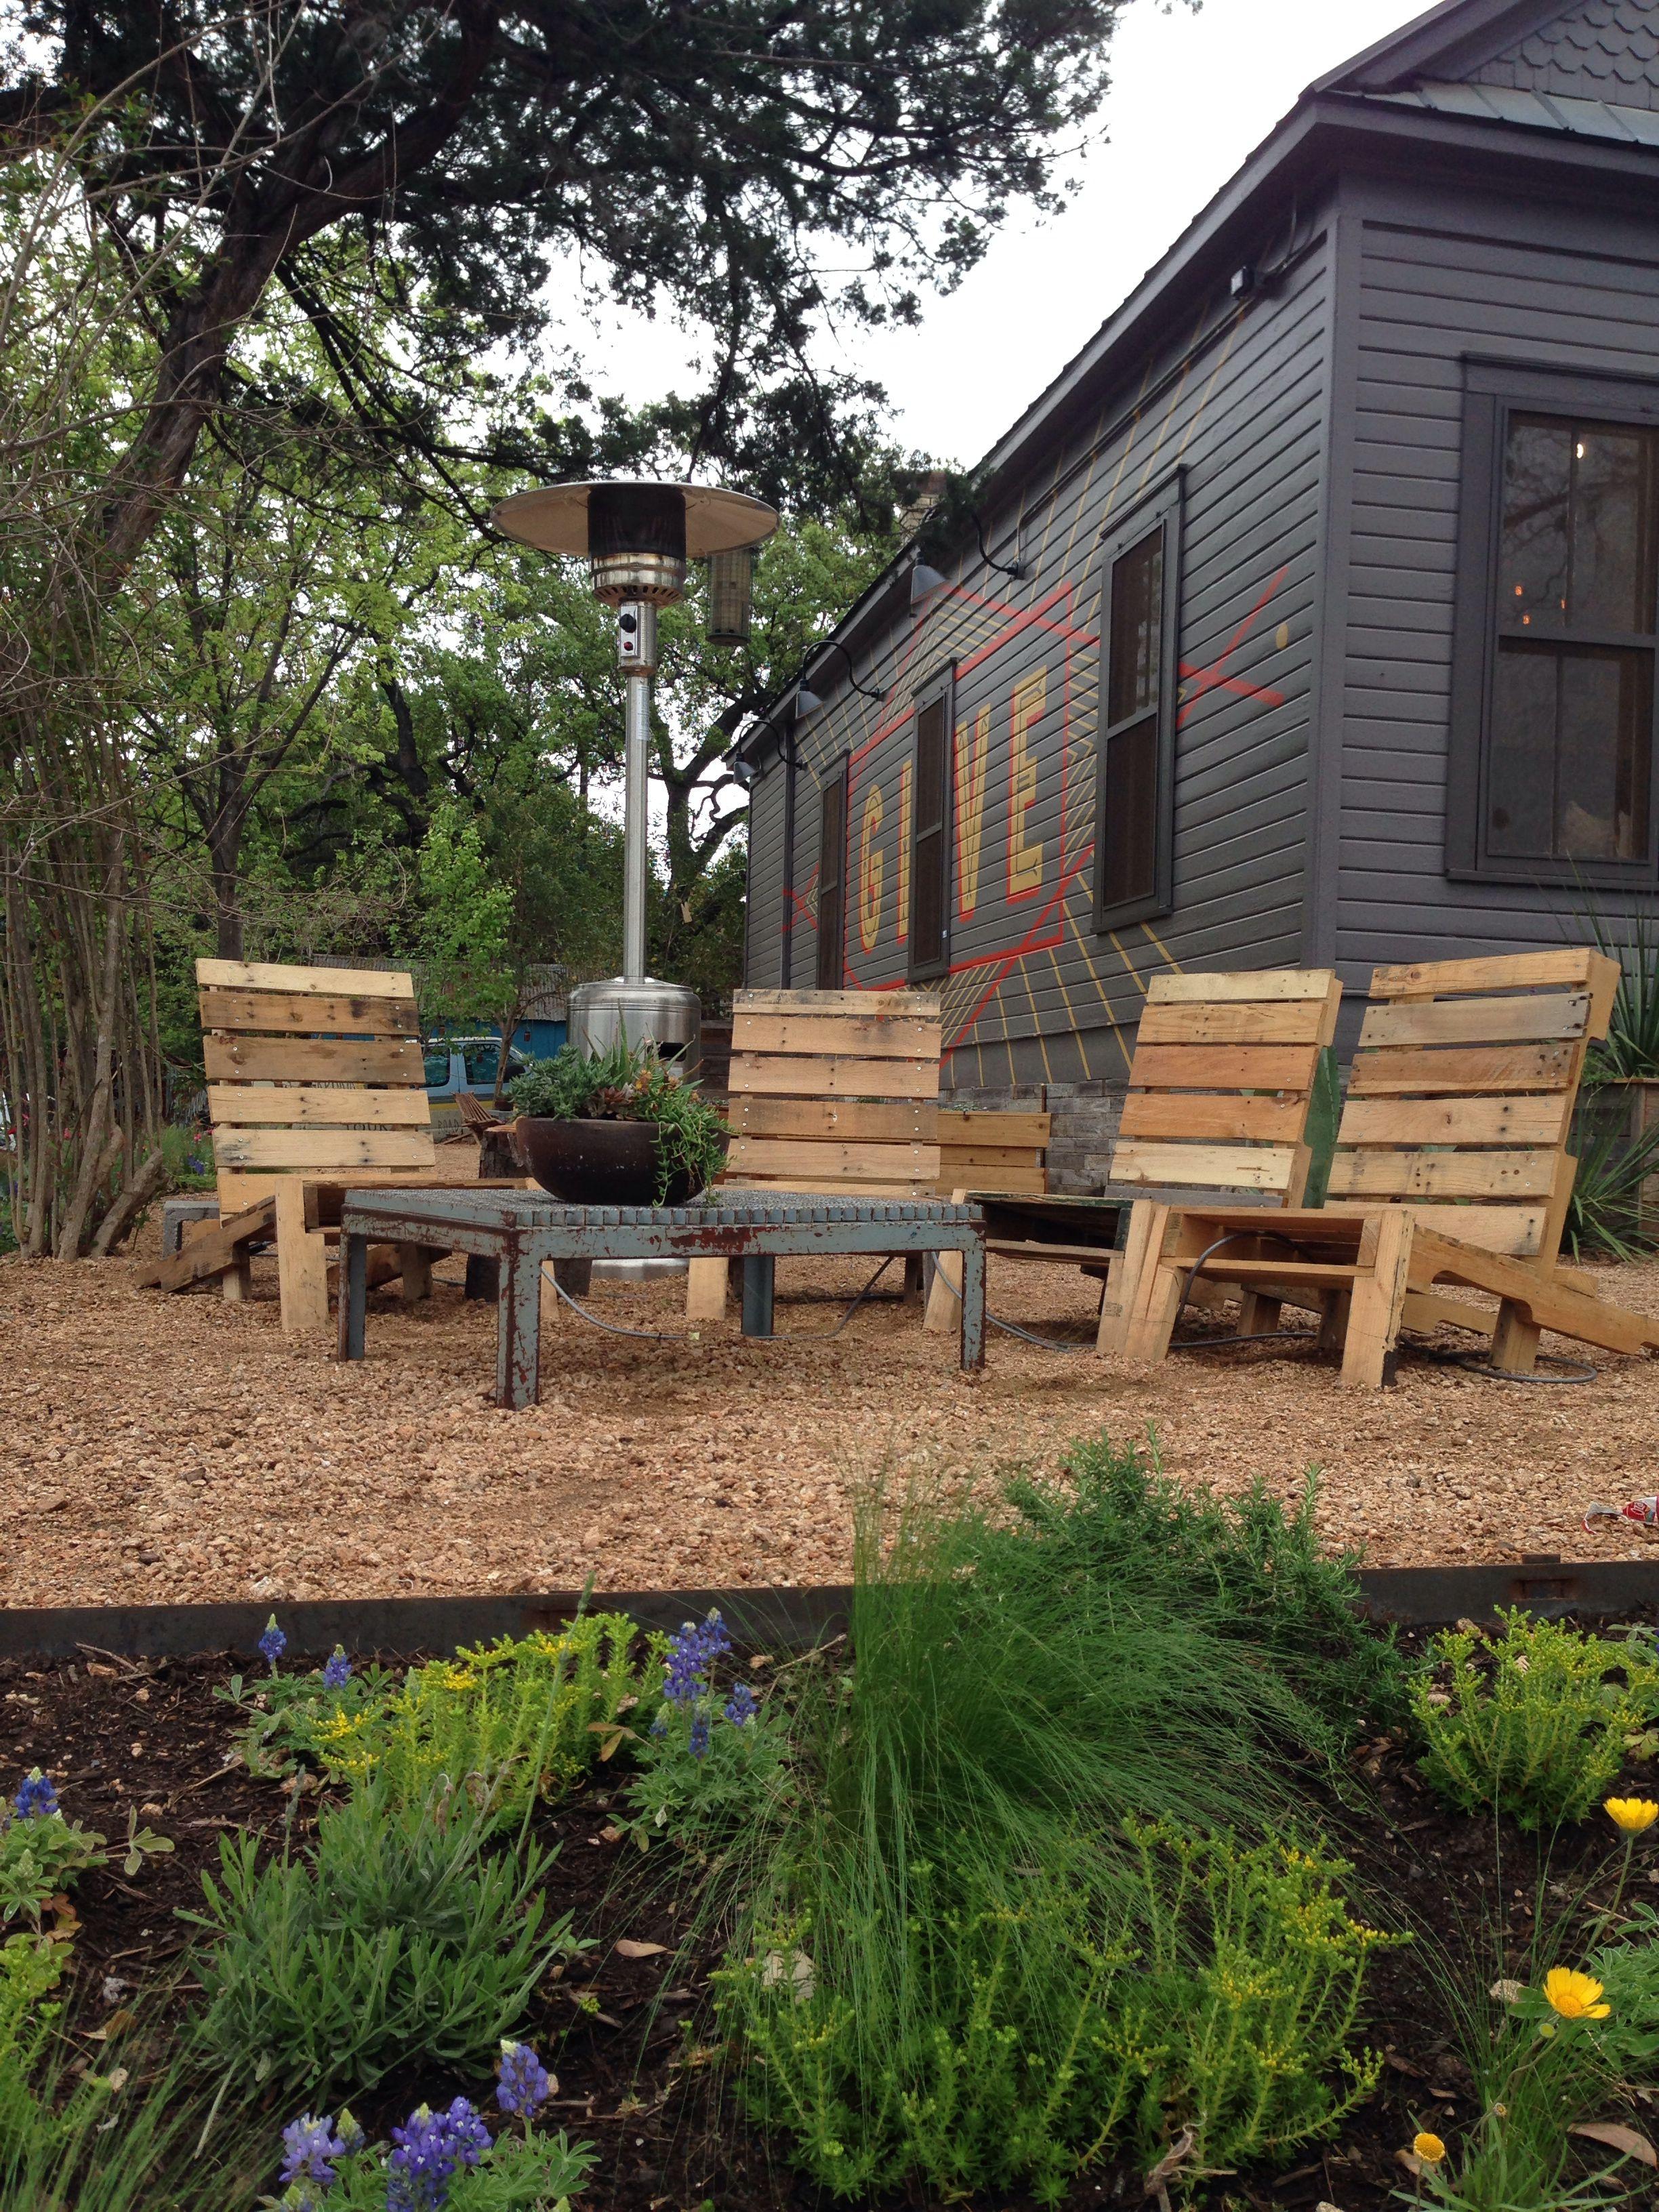 Pallet chairs. Fire pit. Succulents.